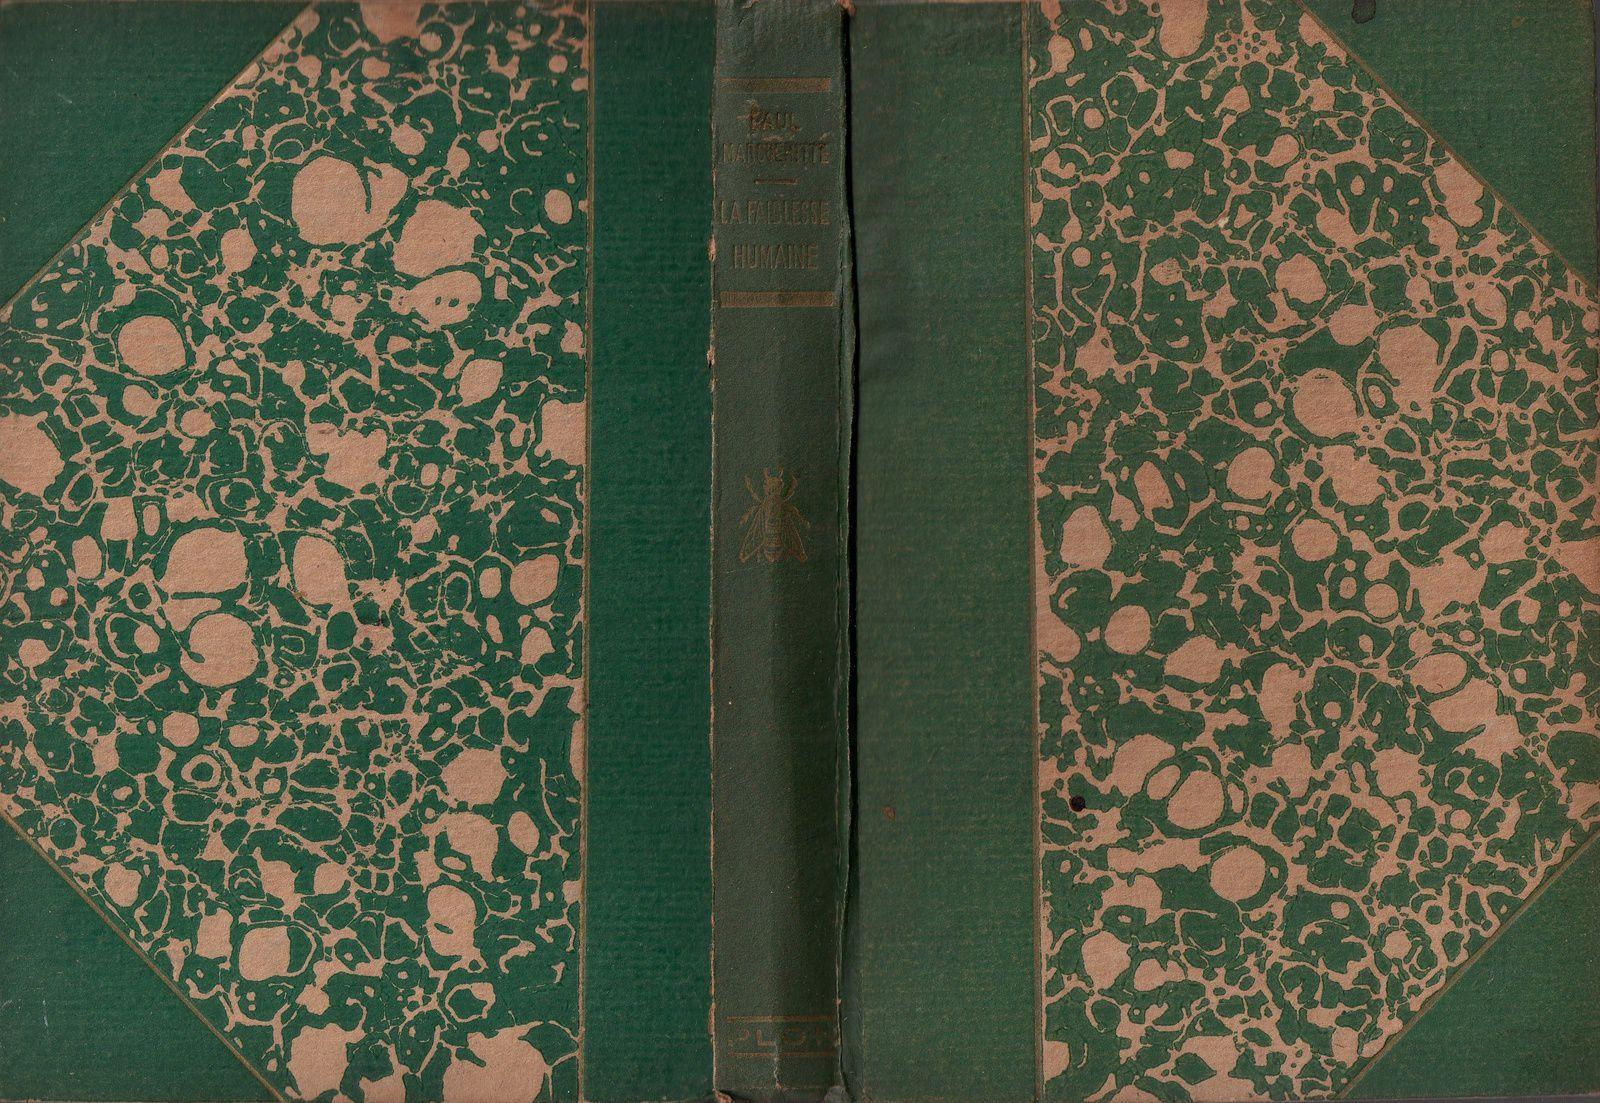 """Paul Margueritte """"La Faiblesse humaine"""" (Plon - 1933)"""